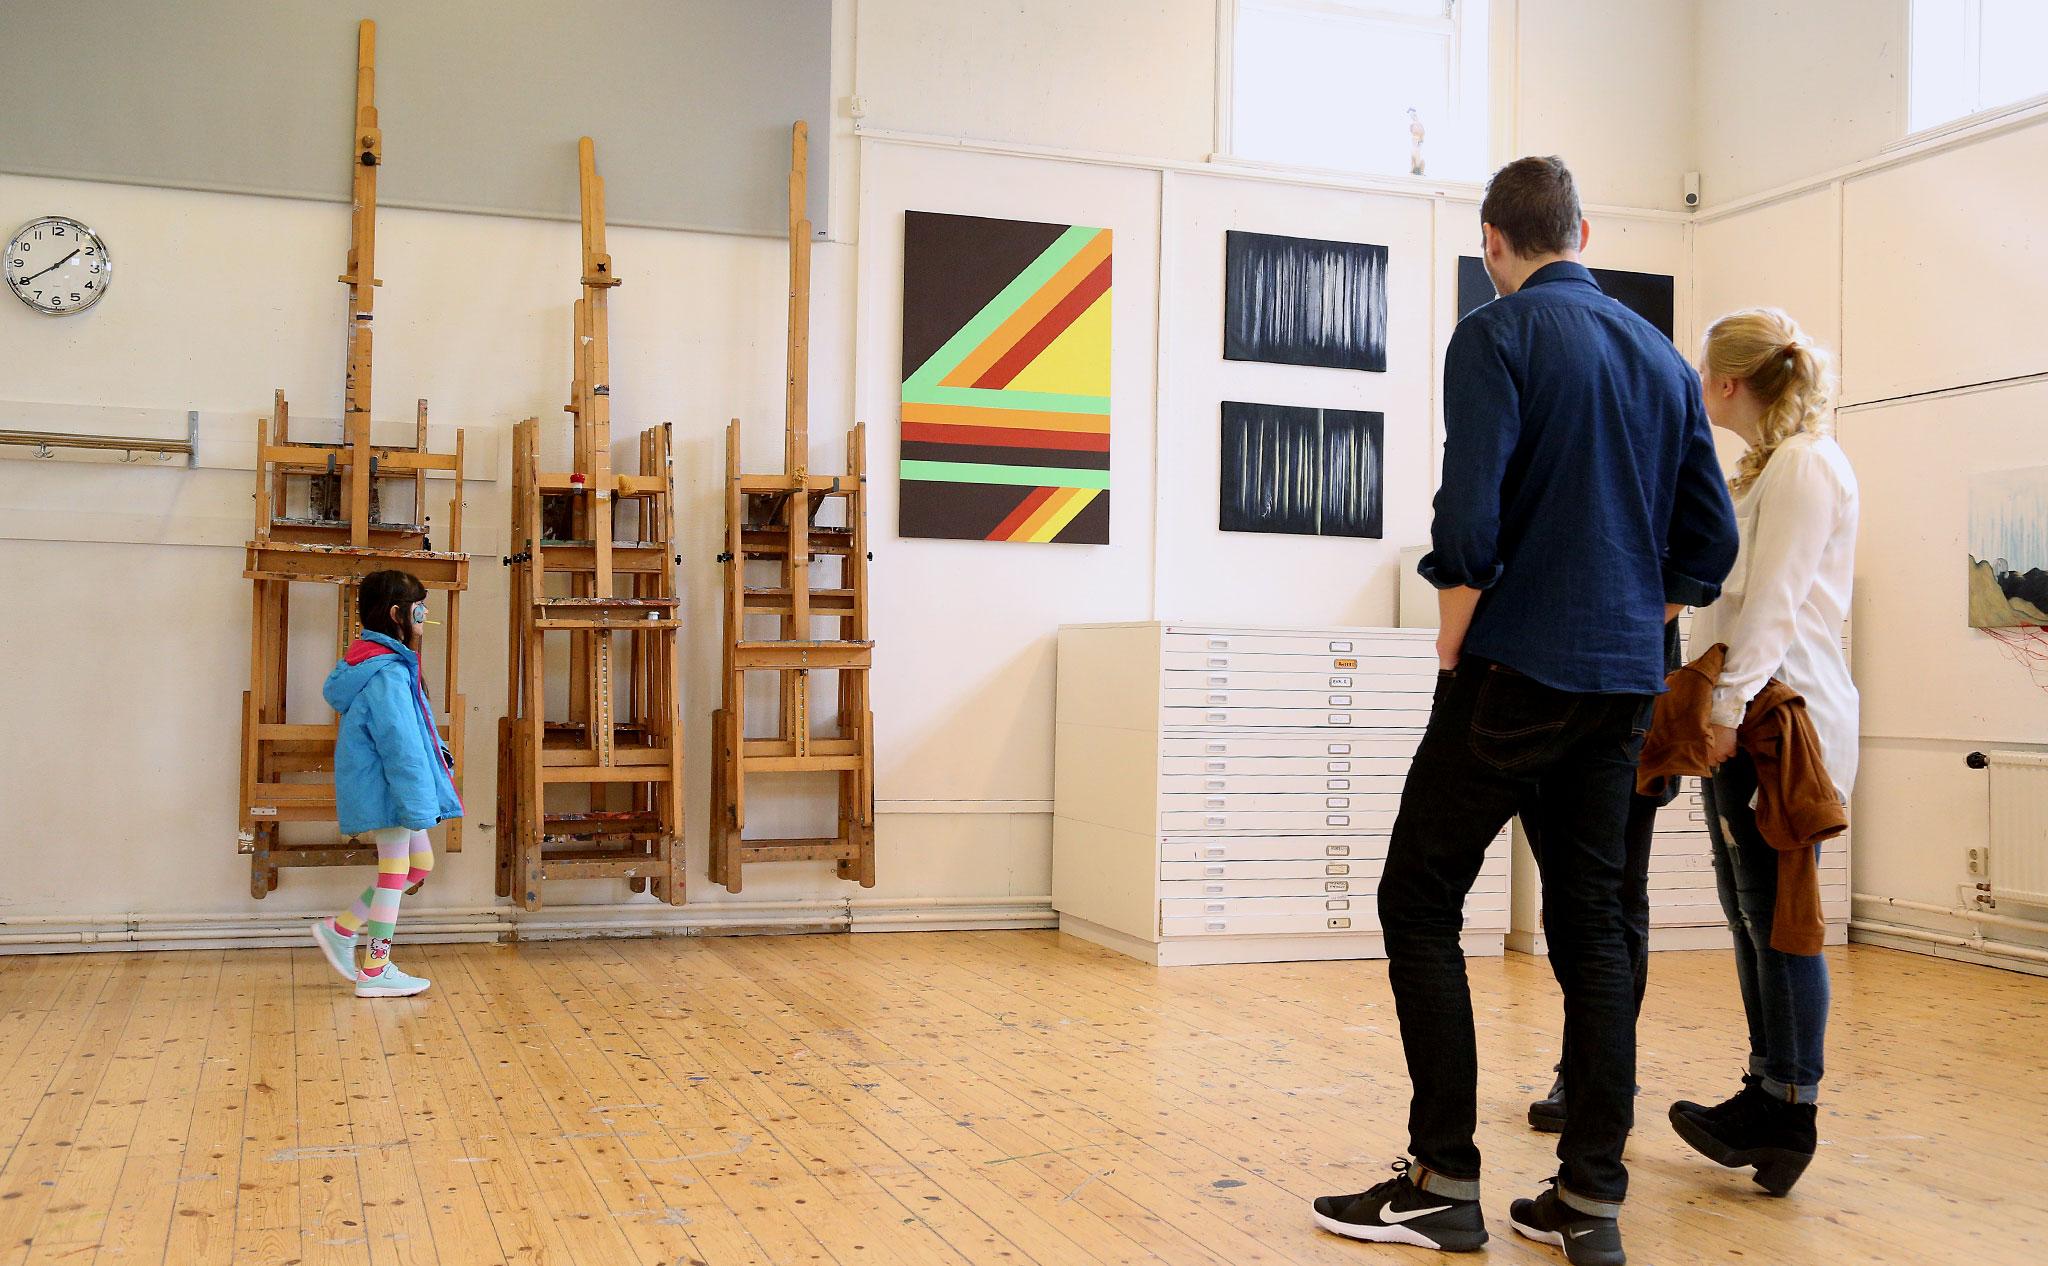 Tre personer står med ryggen mot kameran och titta på konsten som hänger på väggen: en tavla med geometriska mönster i klara färger och en tavla i svart och vitt, med abstrakt, skogsliknande motiv. Till vänster i bild går ett barn förbi med en klubba i munnen.